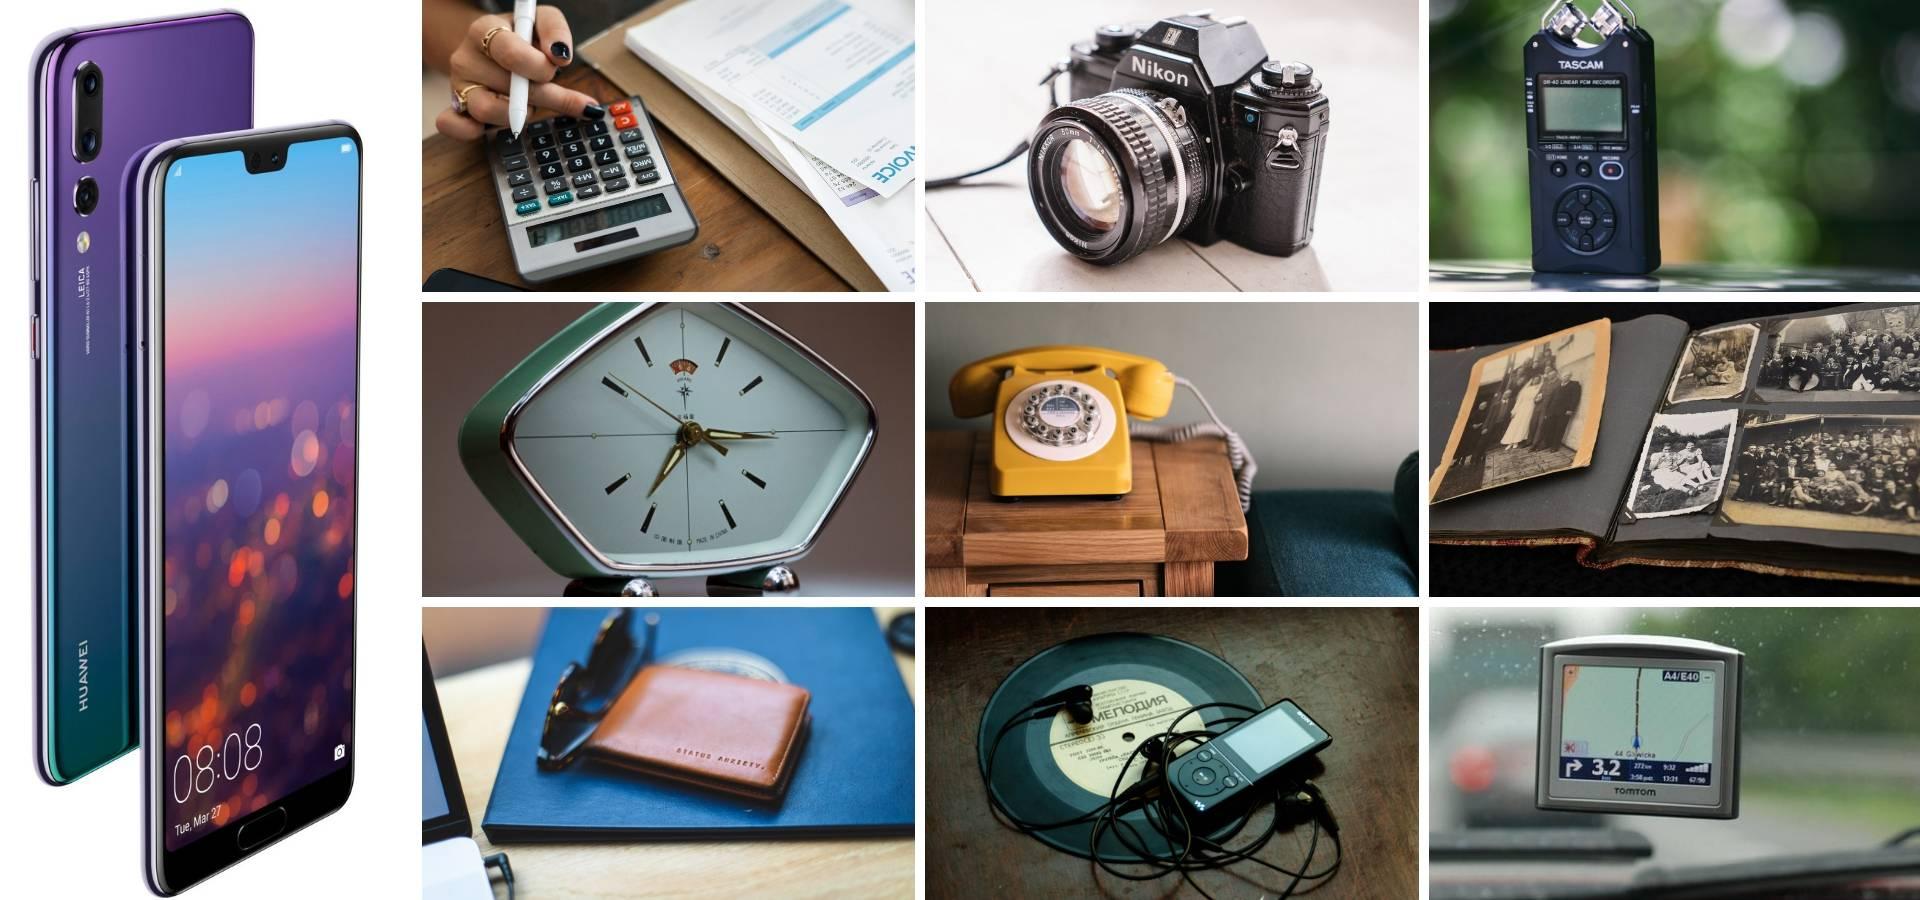 Tko bi rekao: Sve ove uređaje zamijenili su pametni telefoni